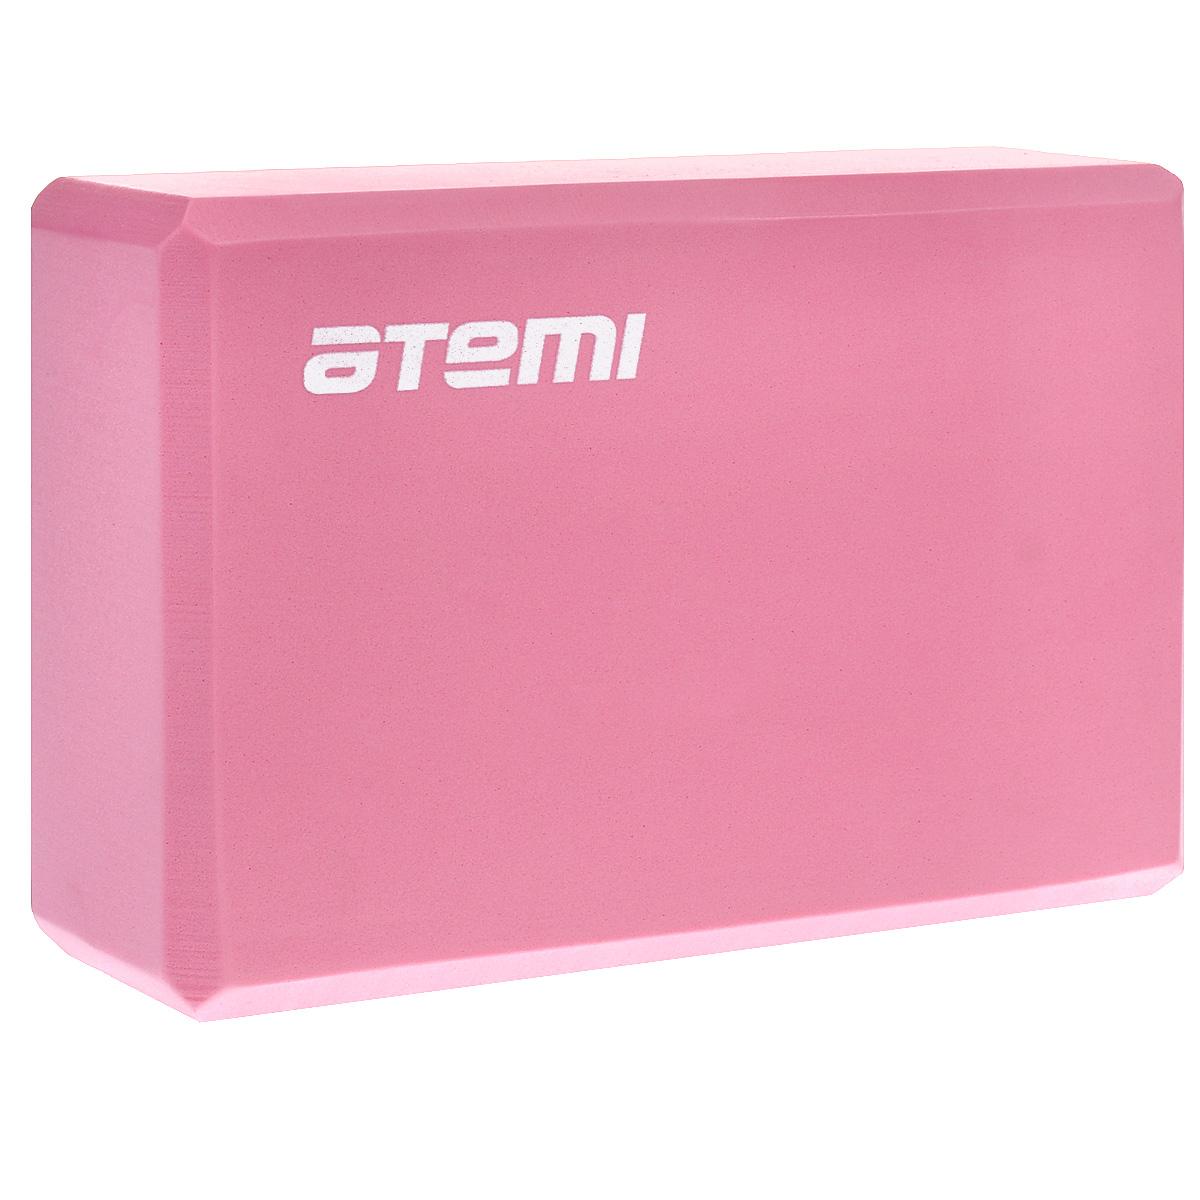 Блок для йоги Atemi, цвет: розовый, 23 х 15 х 8 см